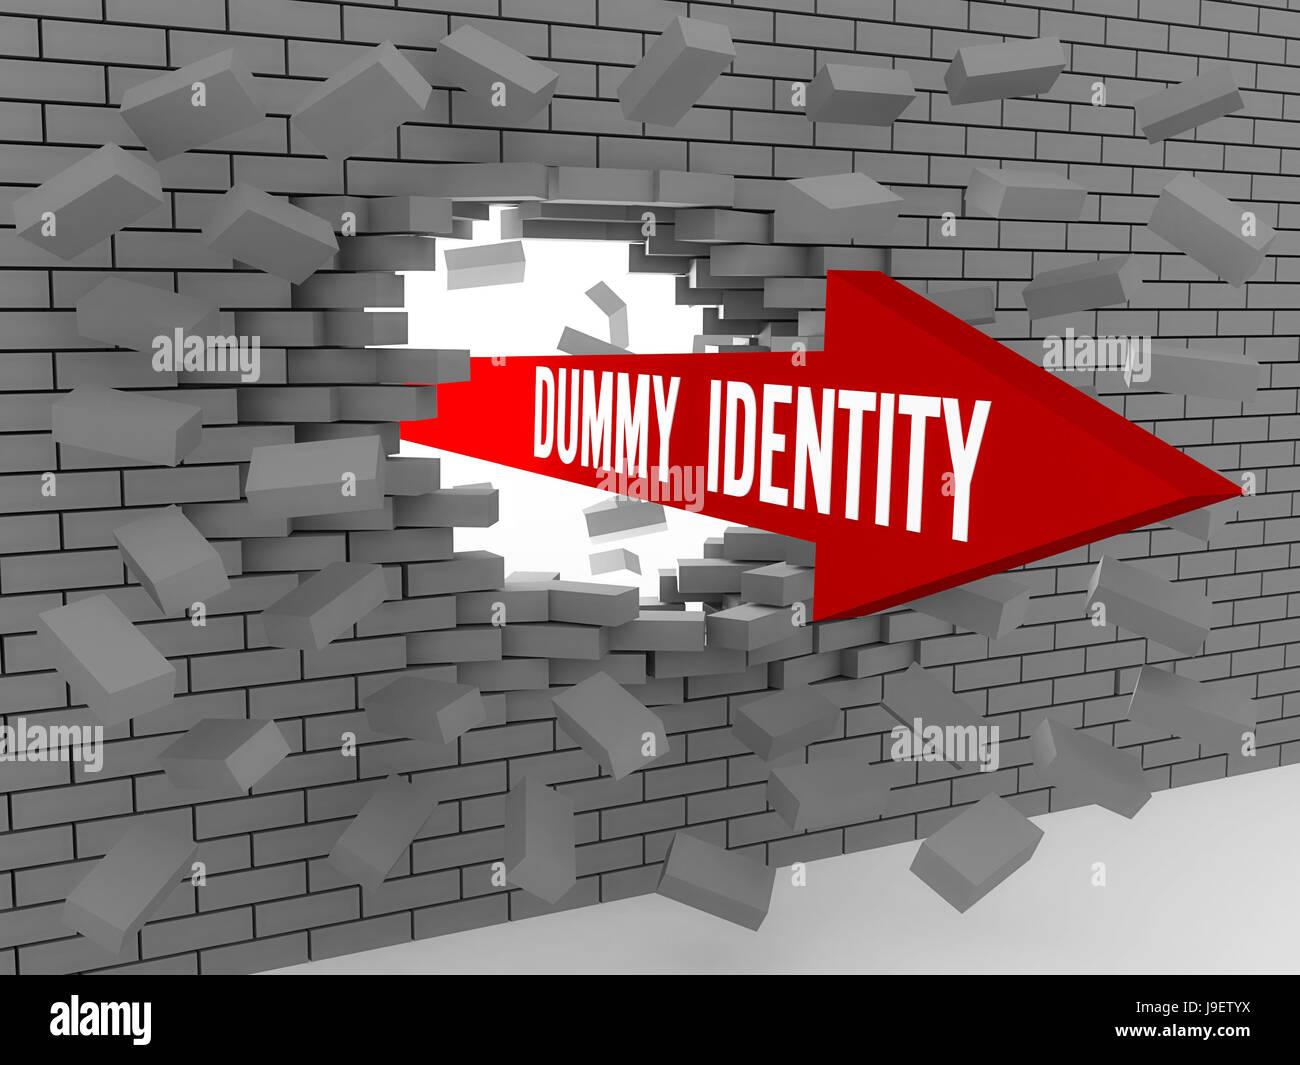 Pfeil mit Worten Dummy Identität brechen Ziegelwand. 3D Illustration Konzept. Stockbild